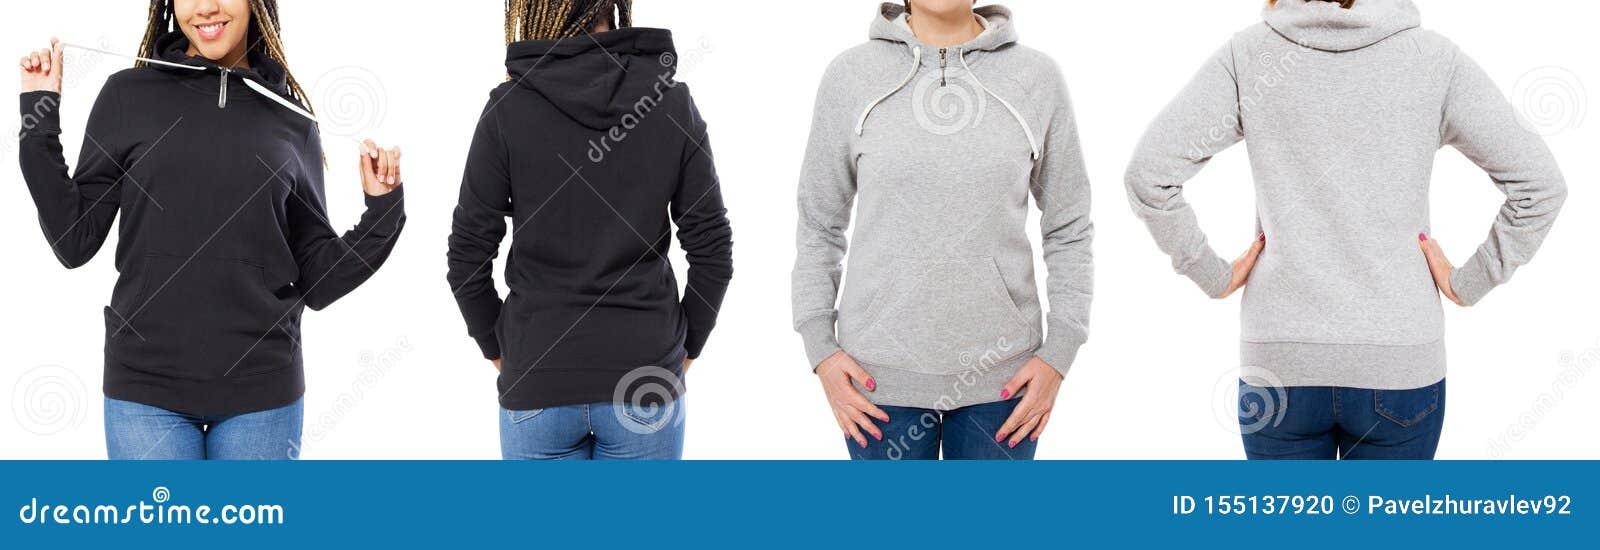 Grau und schwarze Hoodiesatzfront- und hintereansicht oben lokalisiert auf weißem Hintergrund - Haubenspott